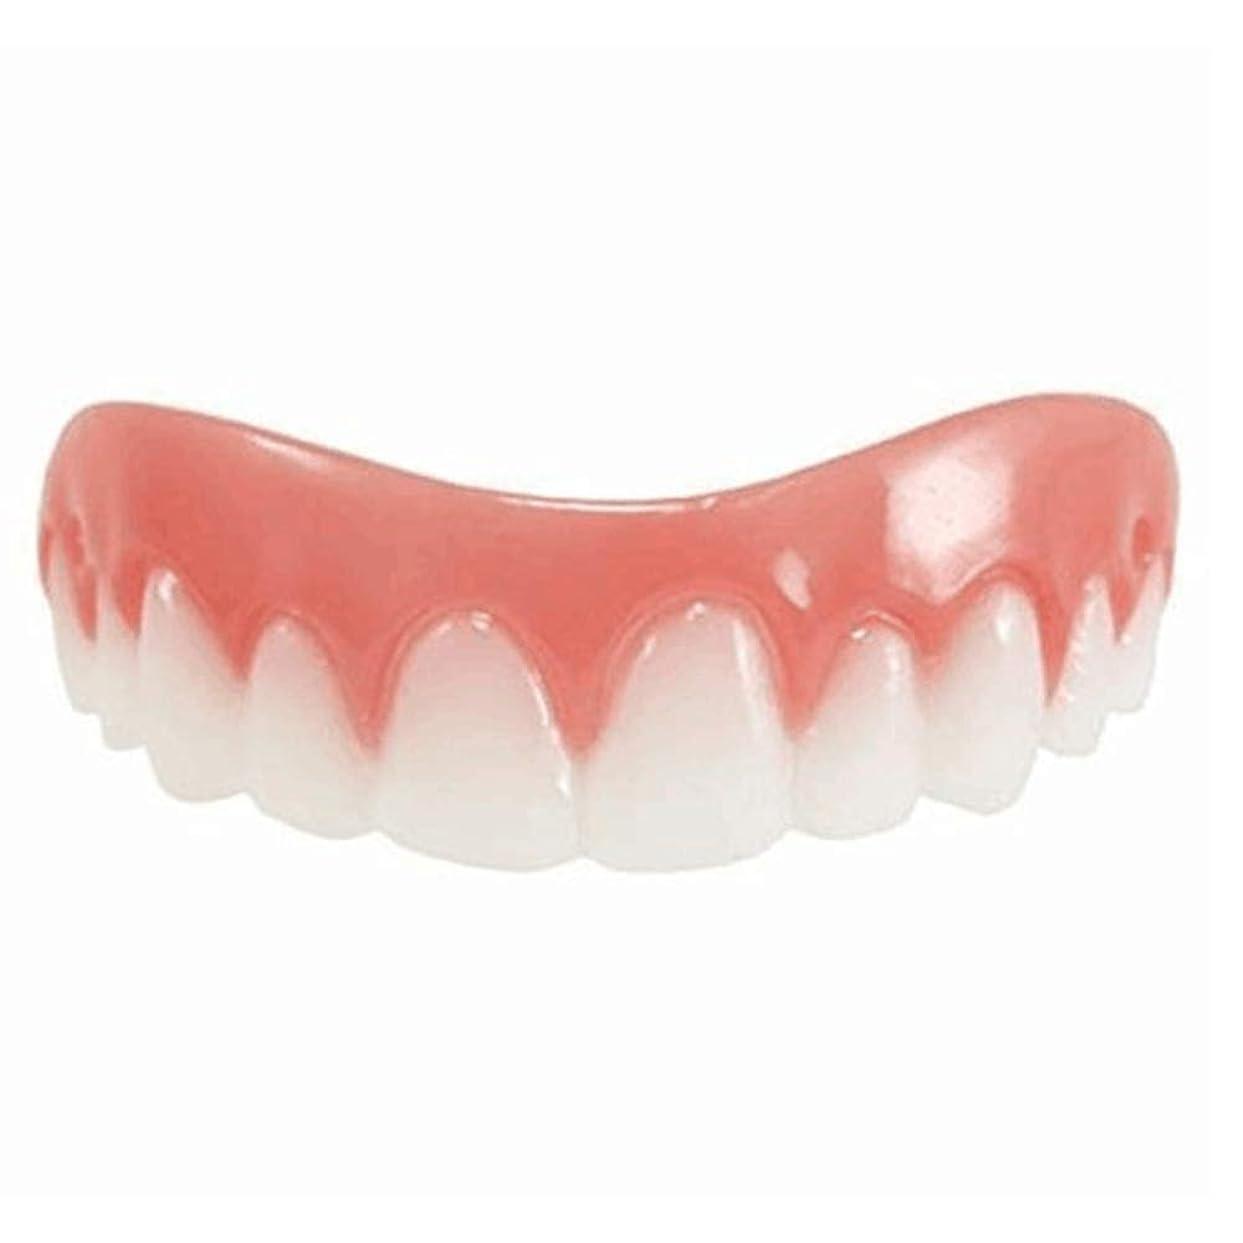 薬剤師パントリーアドバイスシリコンシミュレーション義歯、歯科用ベニヤホワイトトゥースセット(1個),A